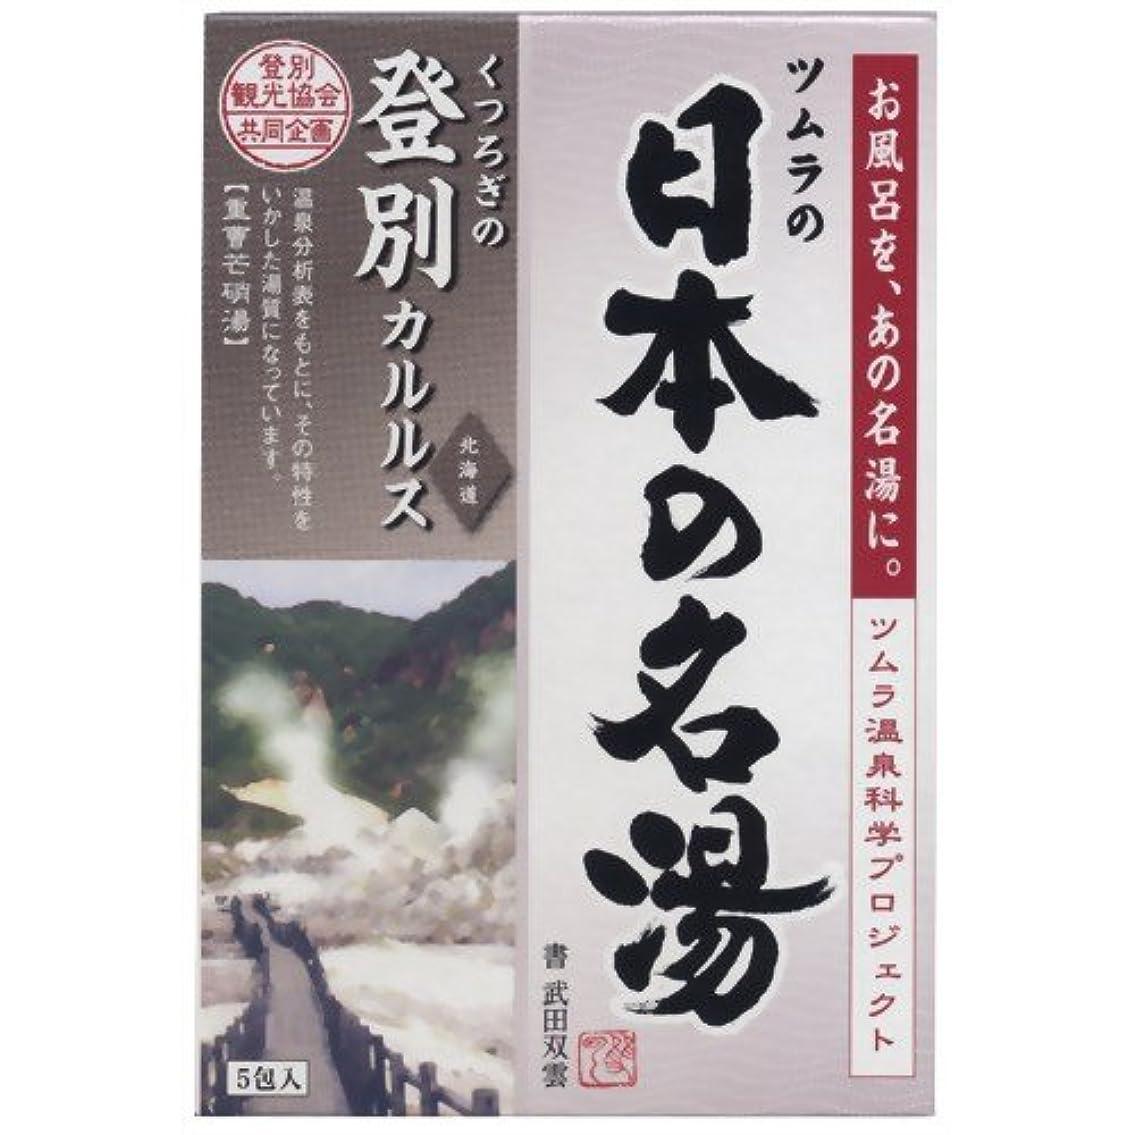 ヘッジ補足精査バスクリン 日本の名湯 登別カルルス 30g×5包入(入浴剤)×24点セット (4548514135451)